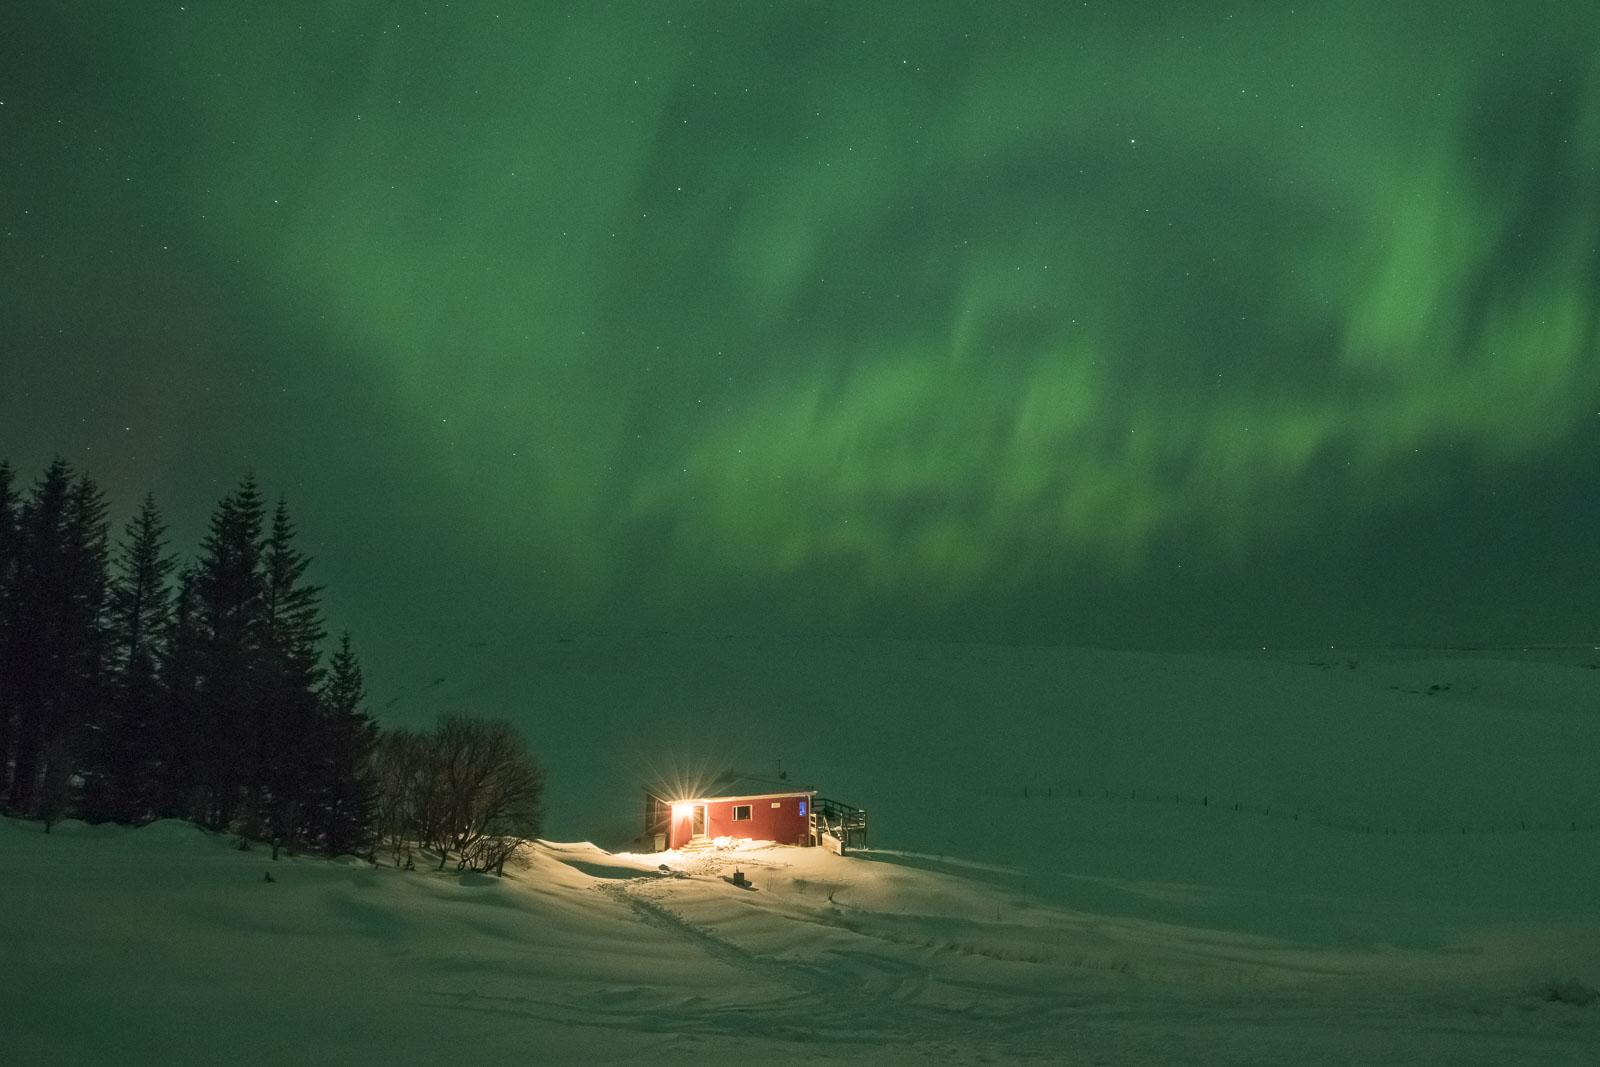 Aurorahouse-1.jpg